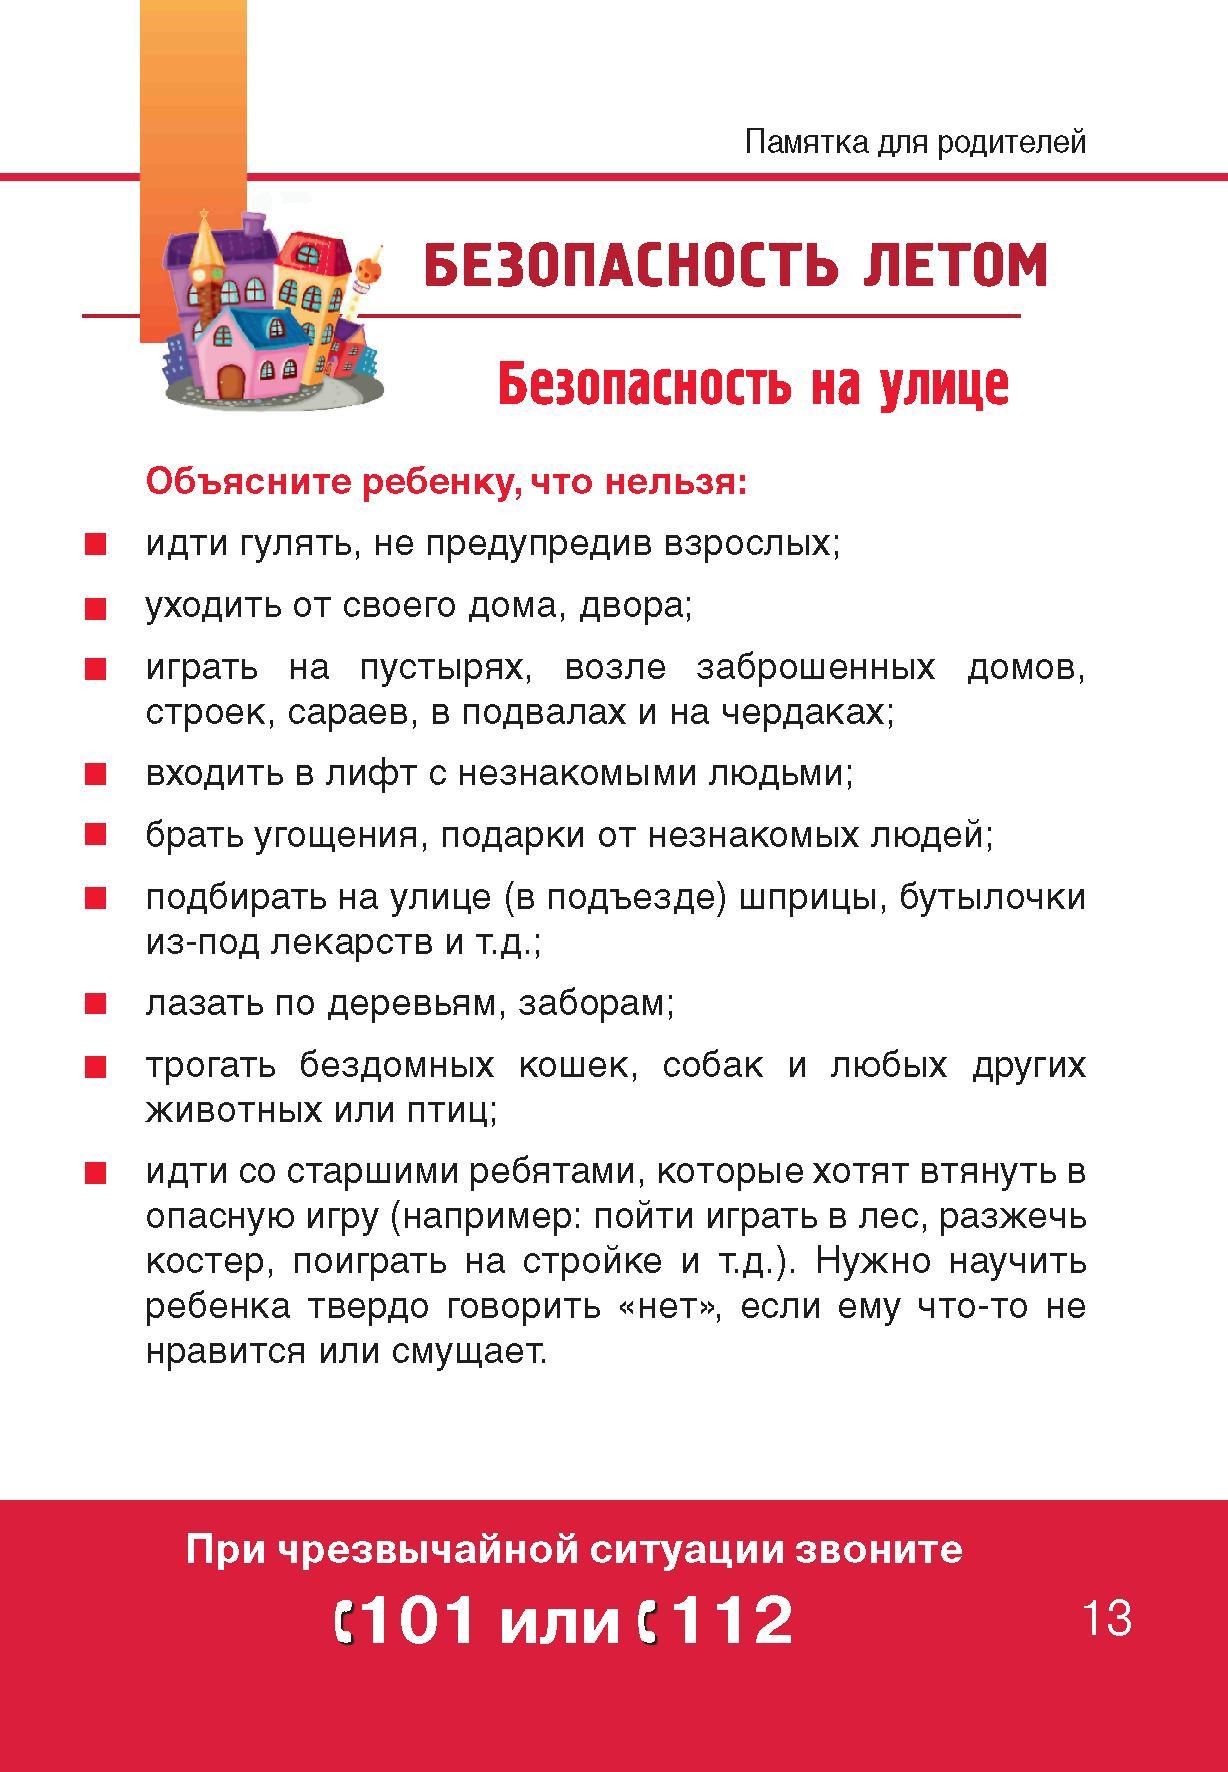 Памятка для родителей на летний период в детском саду в картинках 9